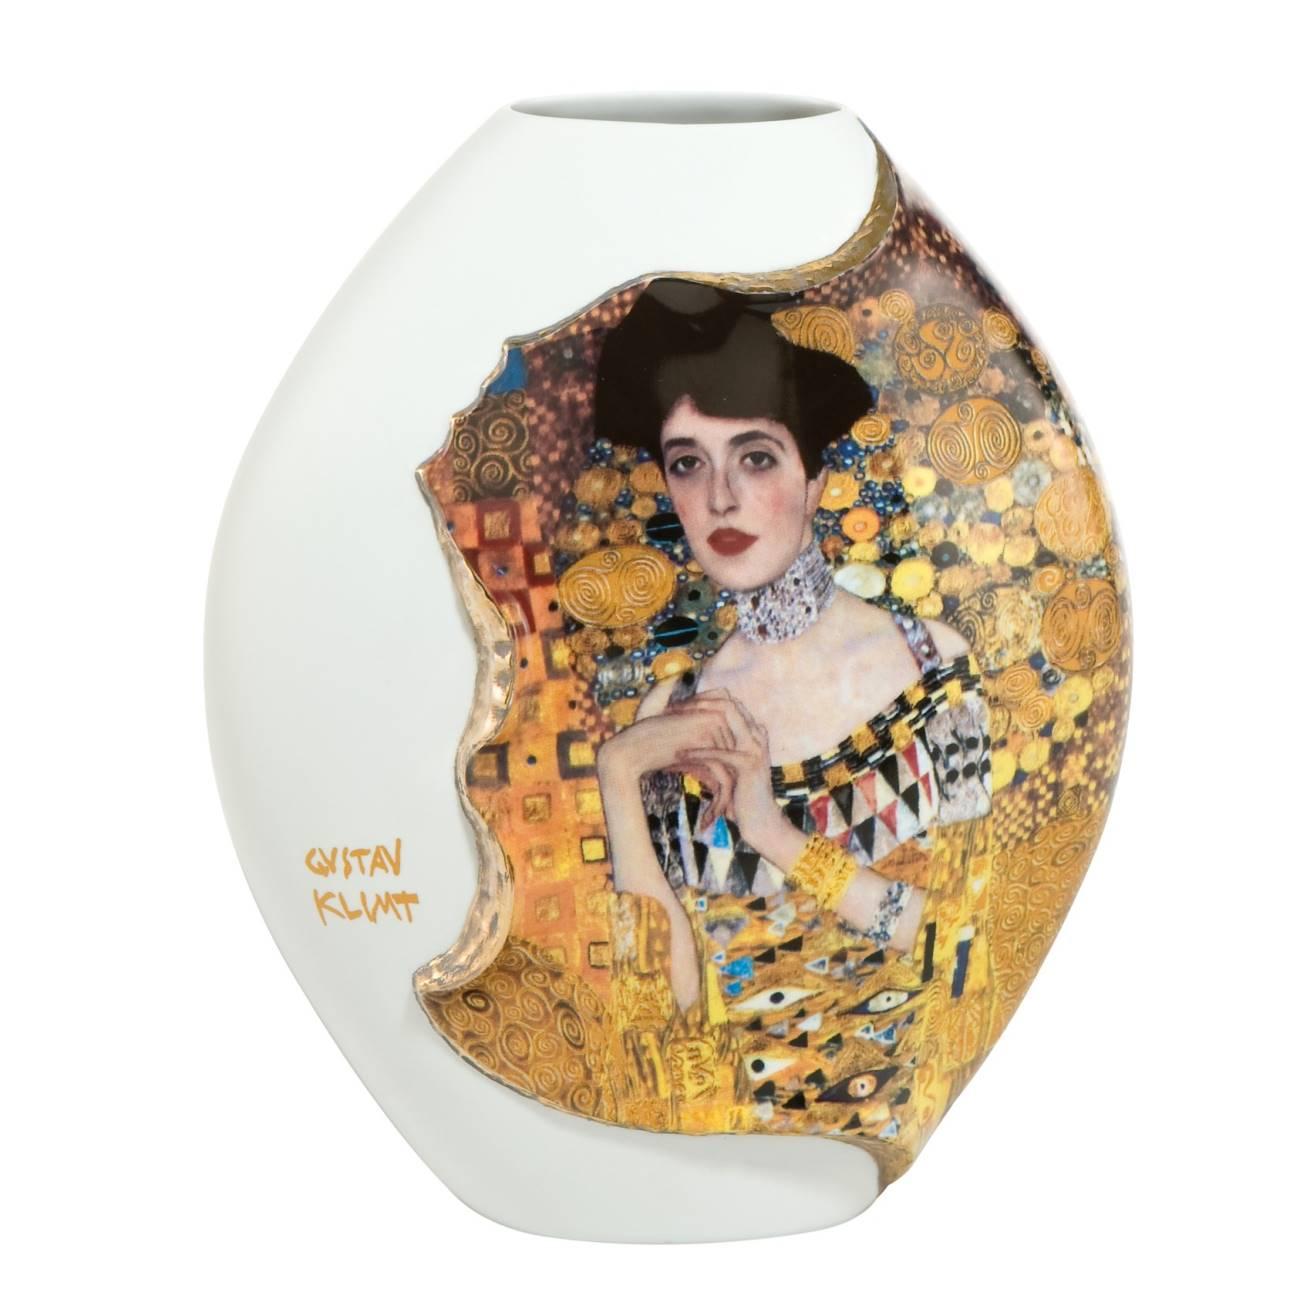 Gustav Klimt Porzellanvase Adele Bloch-Bauer H 20cm weiß Gold Artis Orbis Goebel